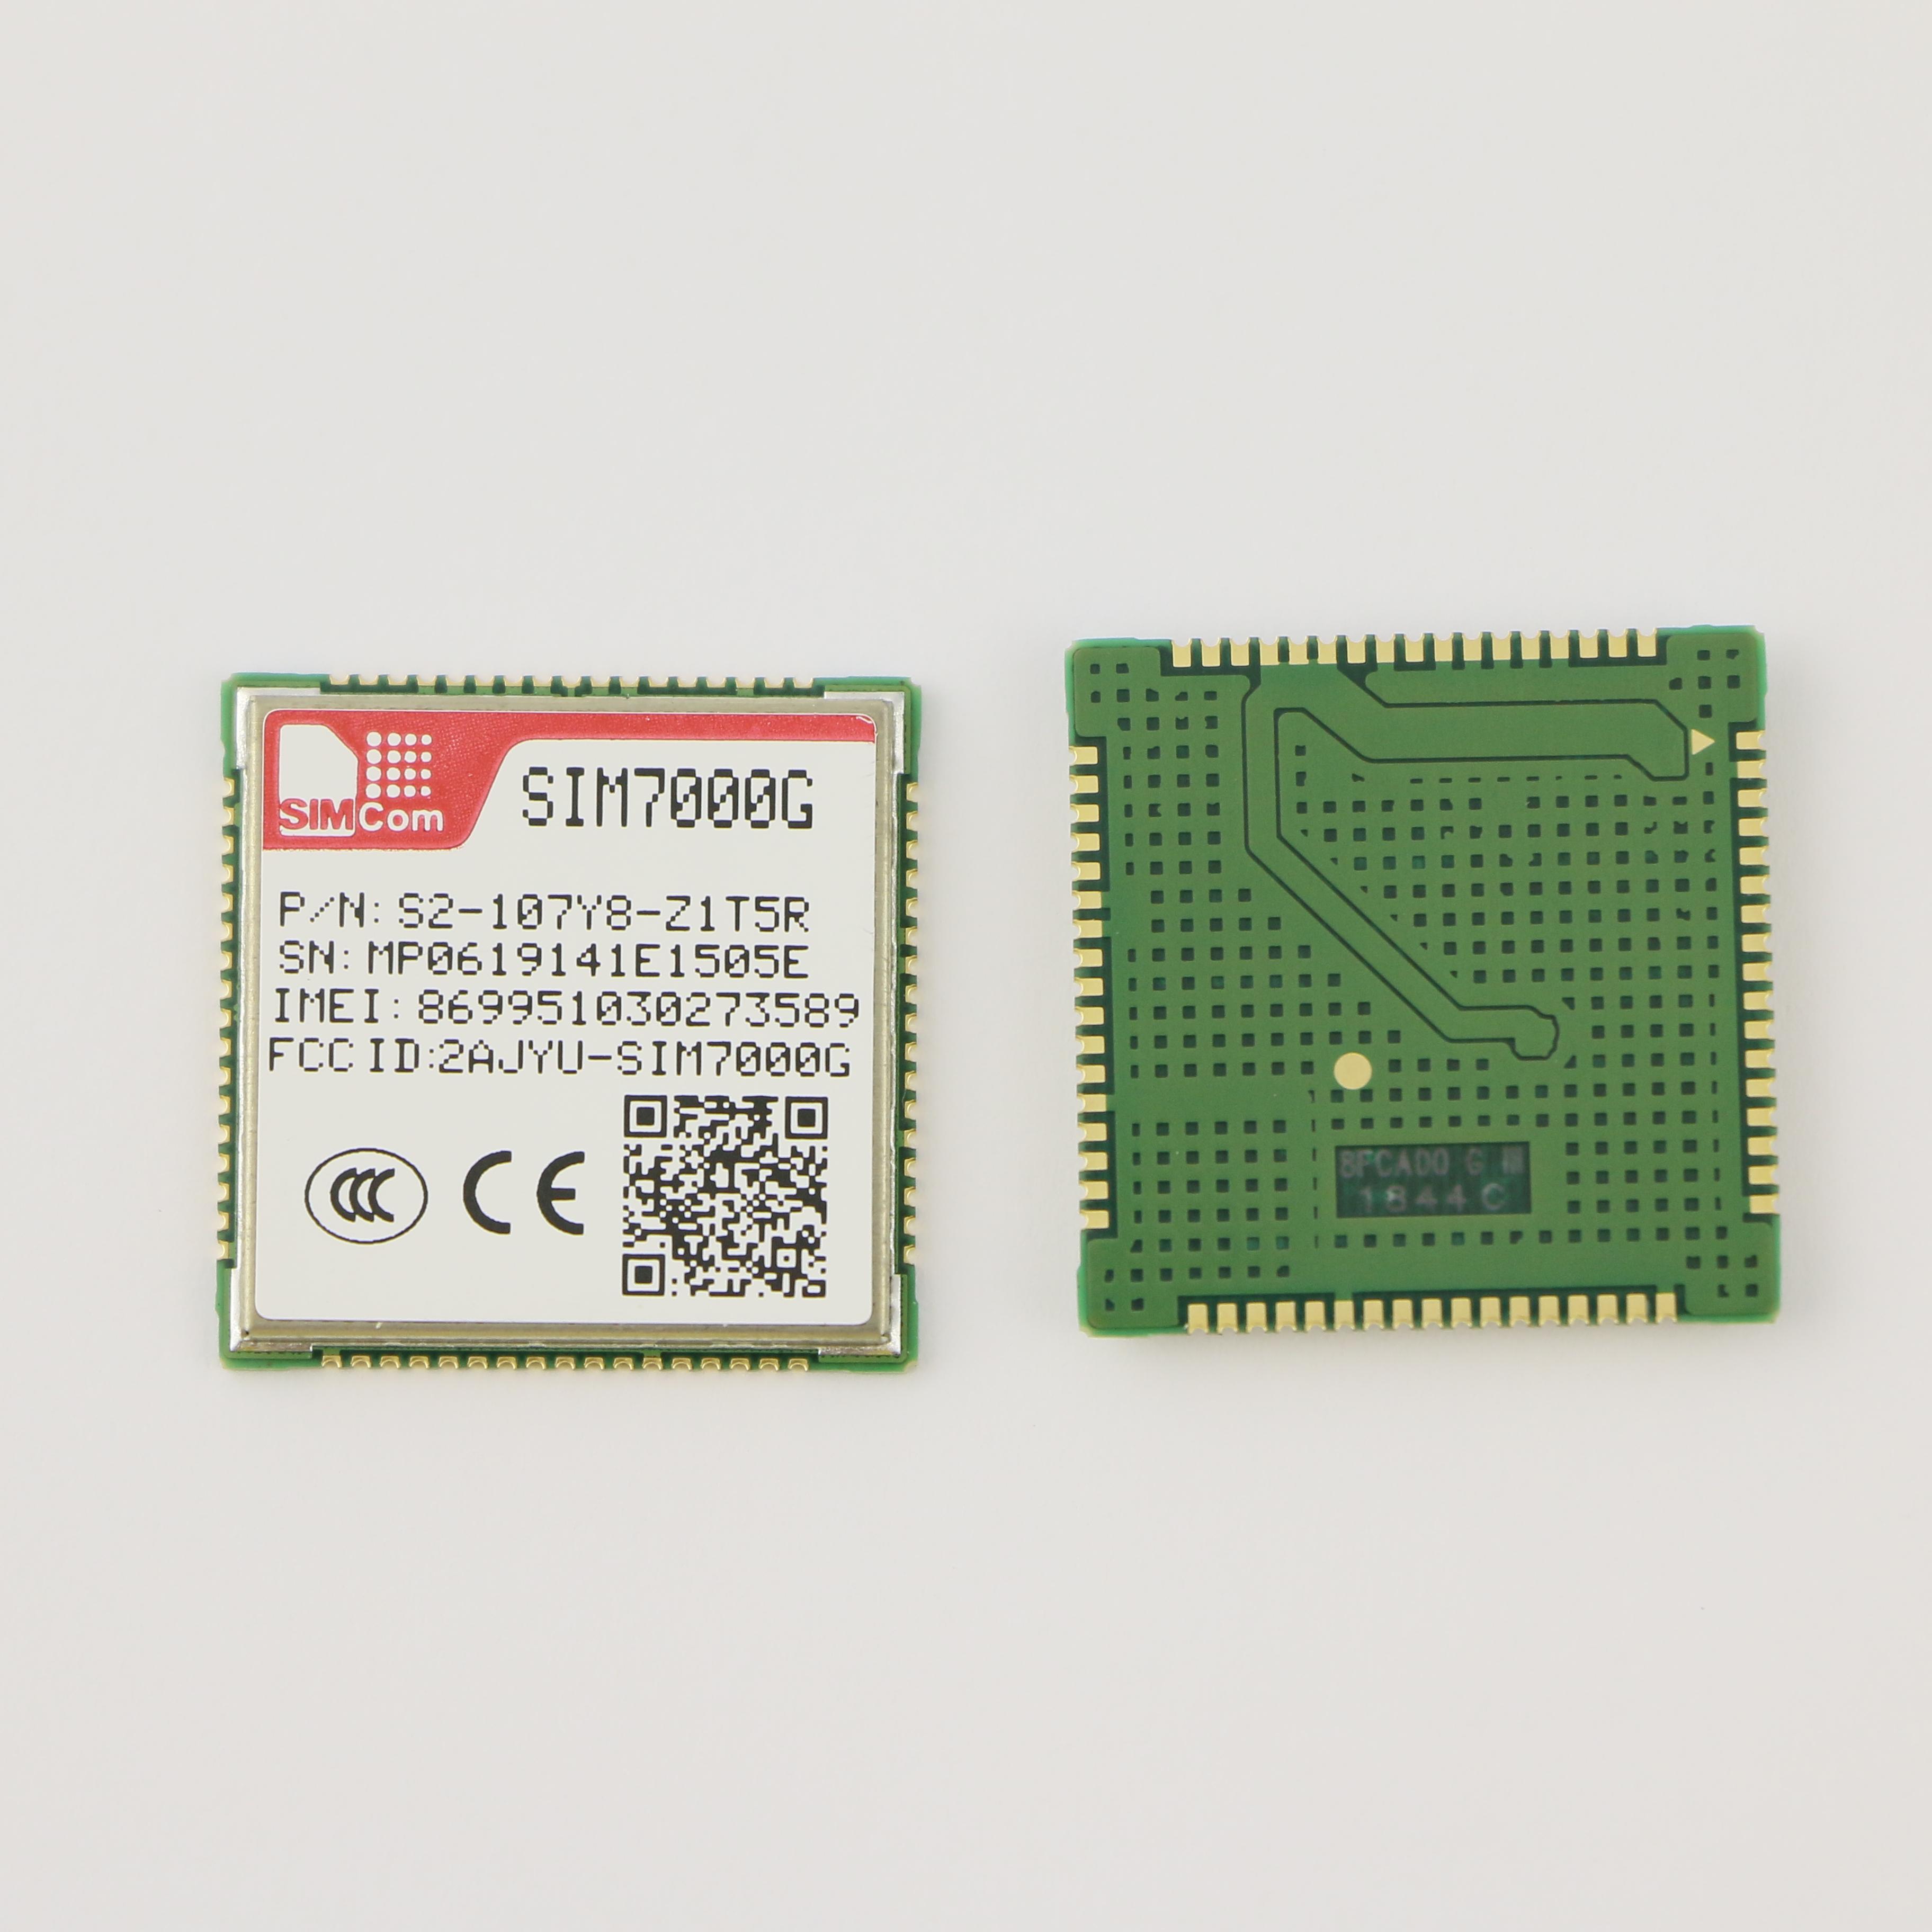 SIMCOM SIM7000G eMTC NB-IoT EDGE Module